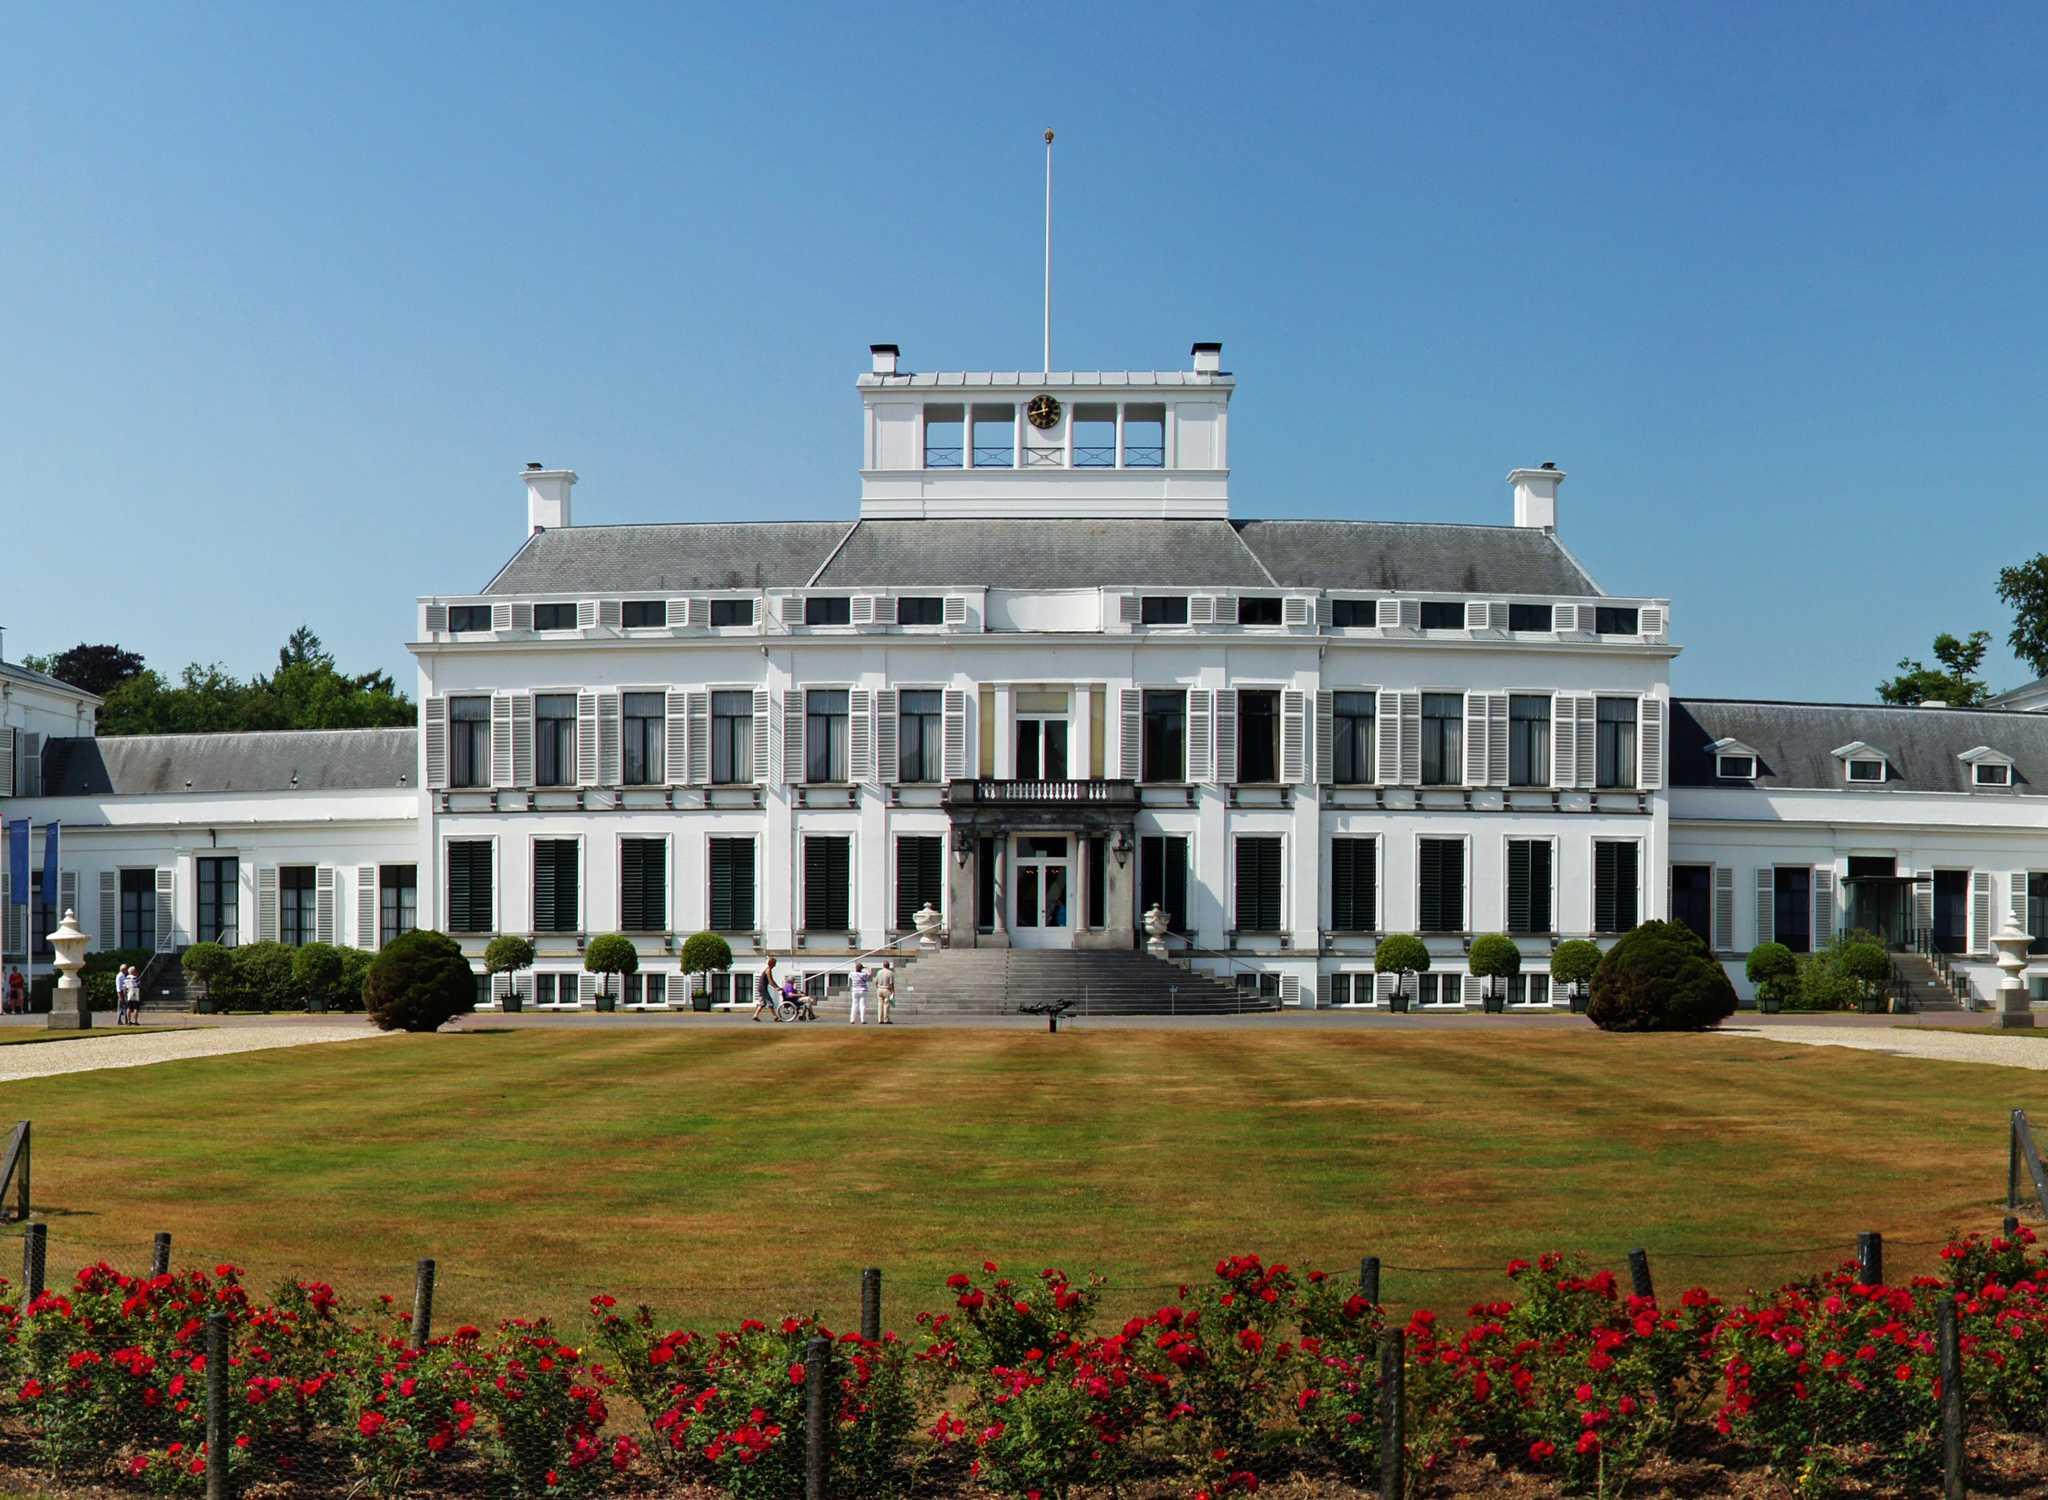 Hotels in Soestduinen - Hilton Royal Parc Soestduinen